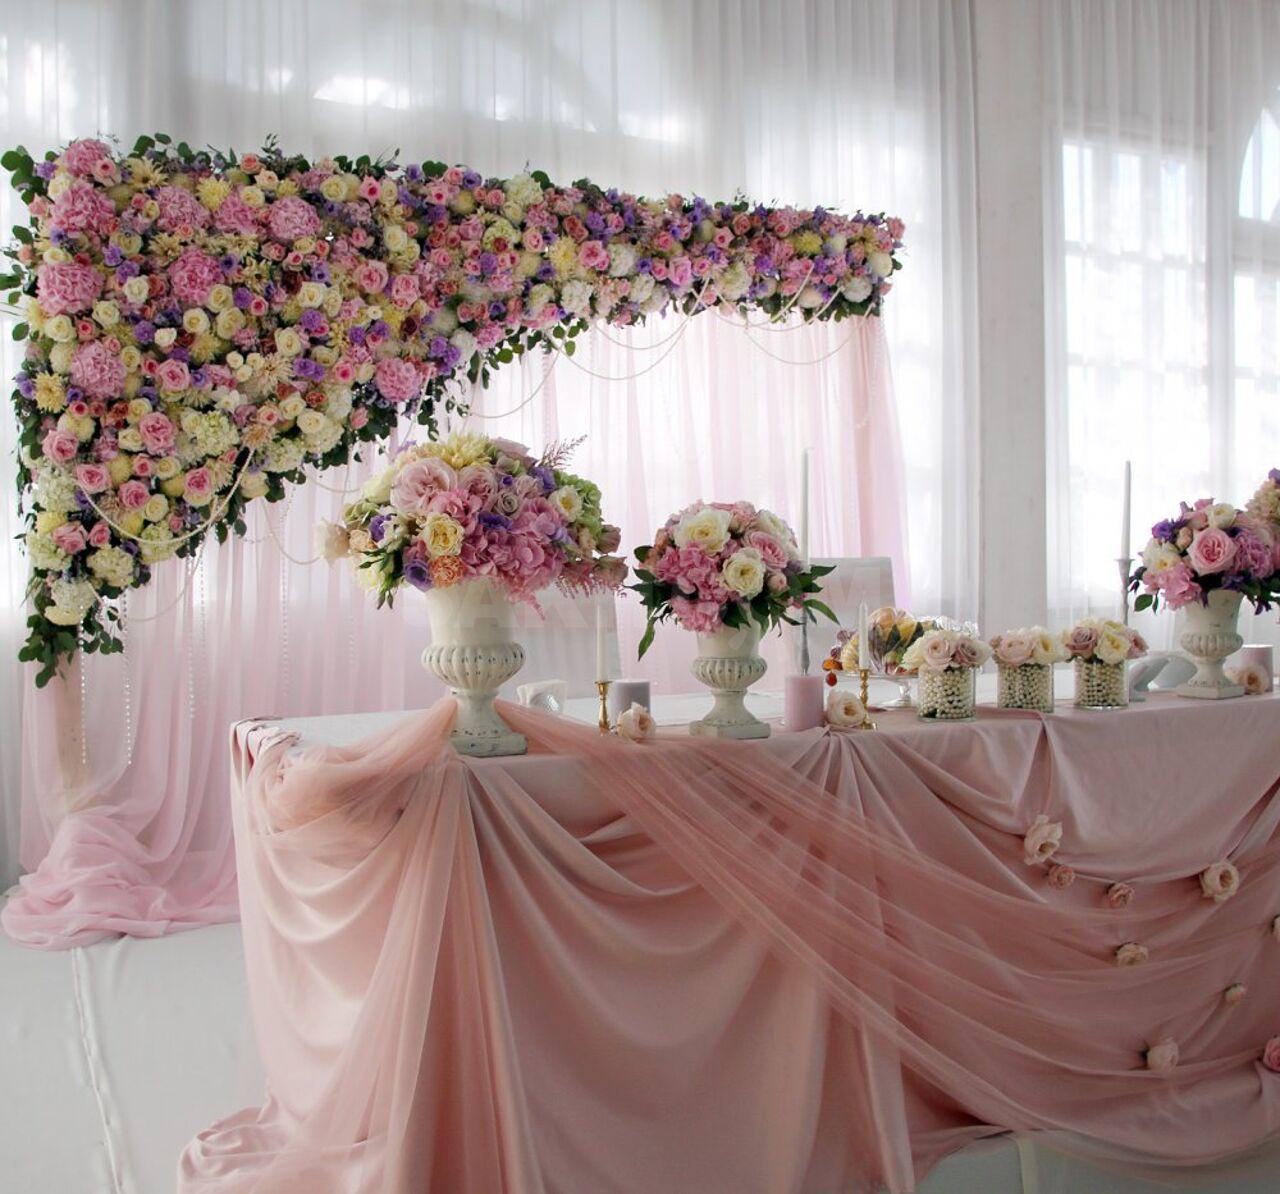 дизайн для свадьбы картинки жить красивом